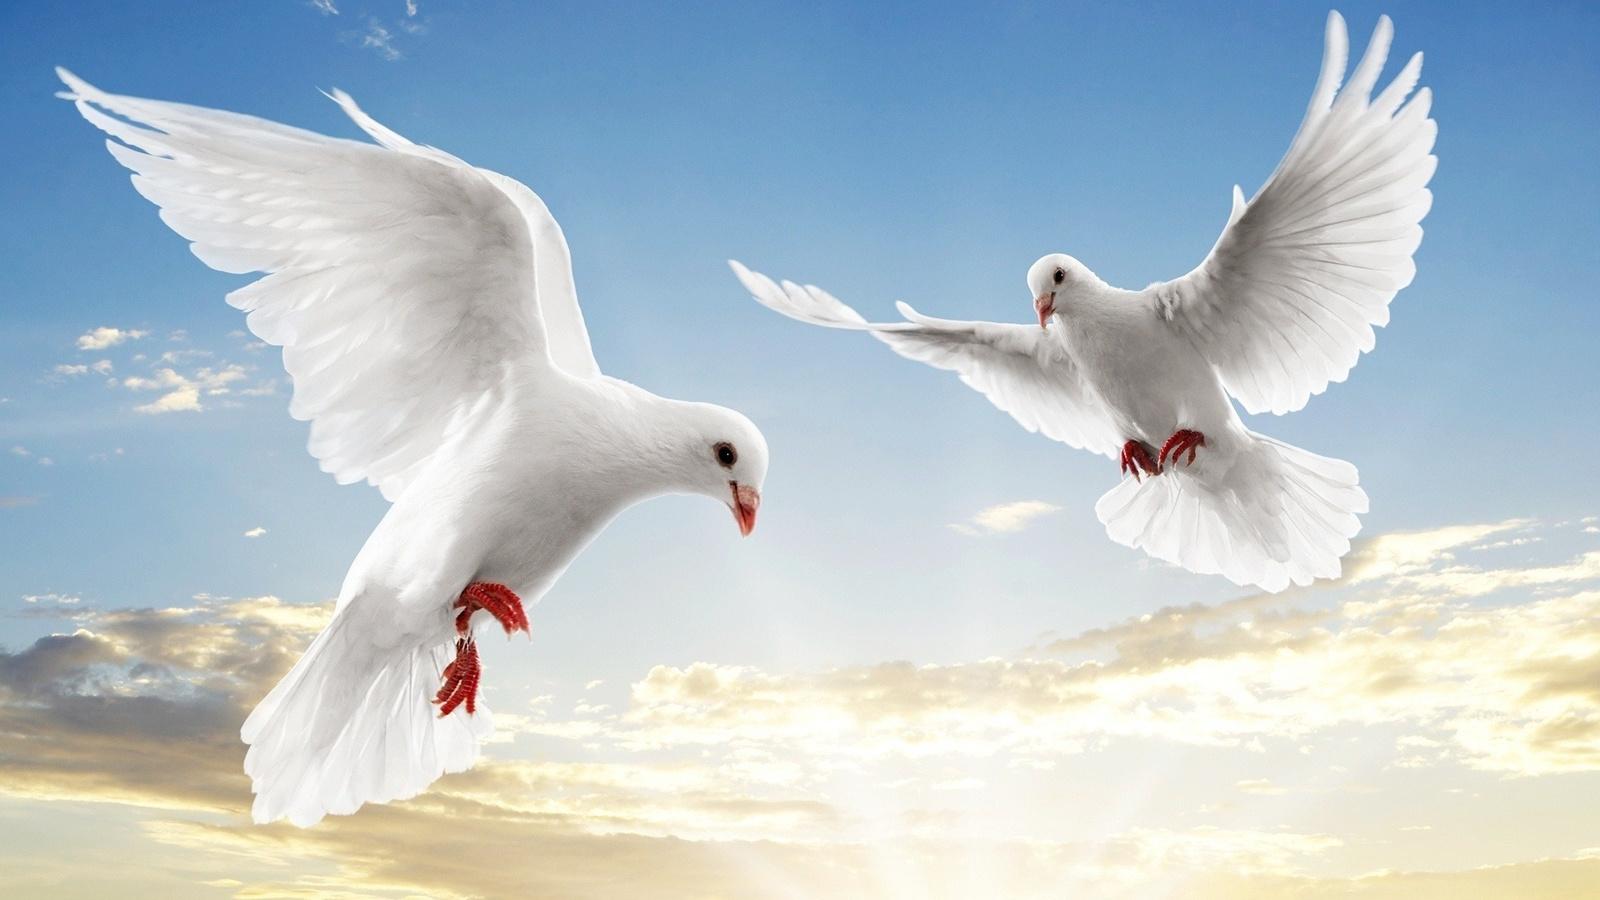 ужасный белая птица любви картинки примеру